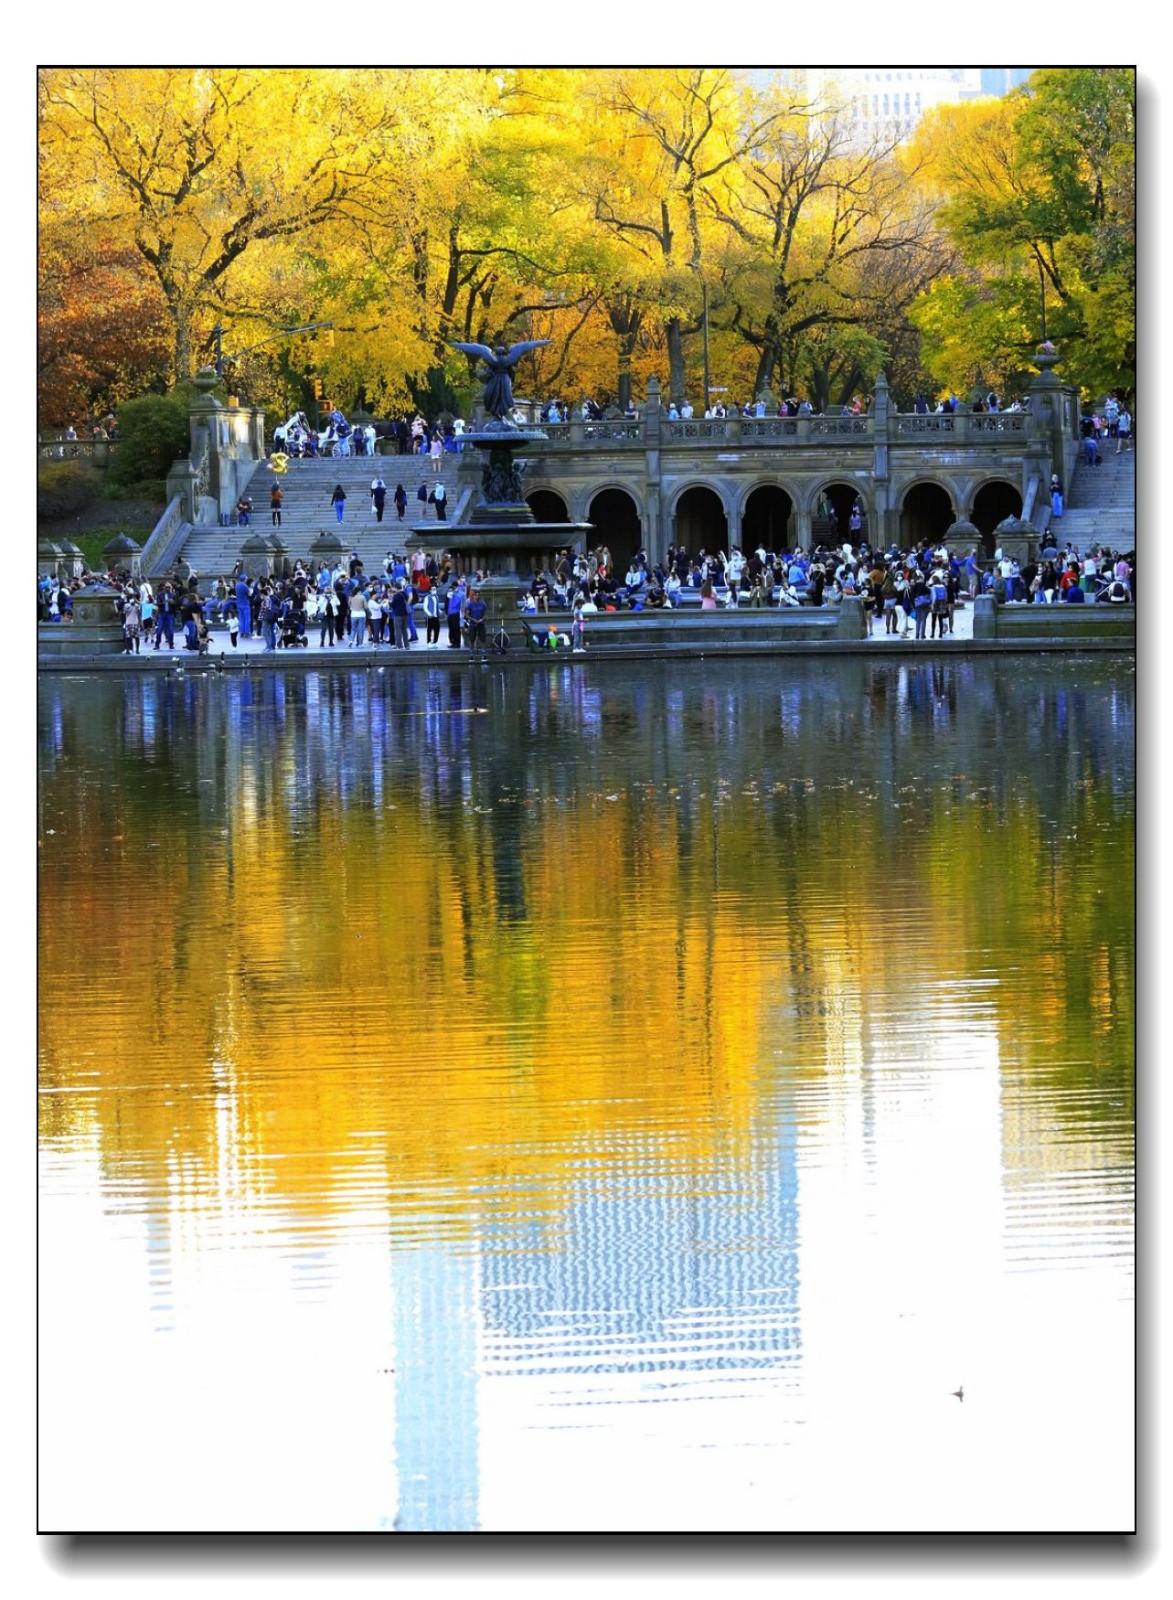 深秋色彩-中央公园2_图1-5